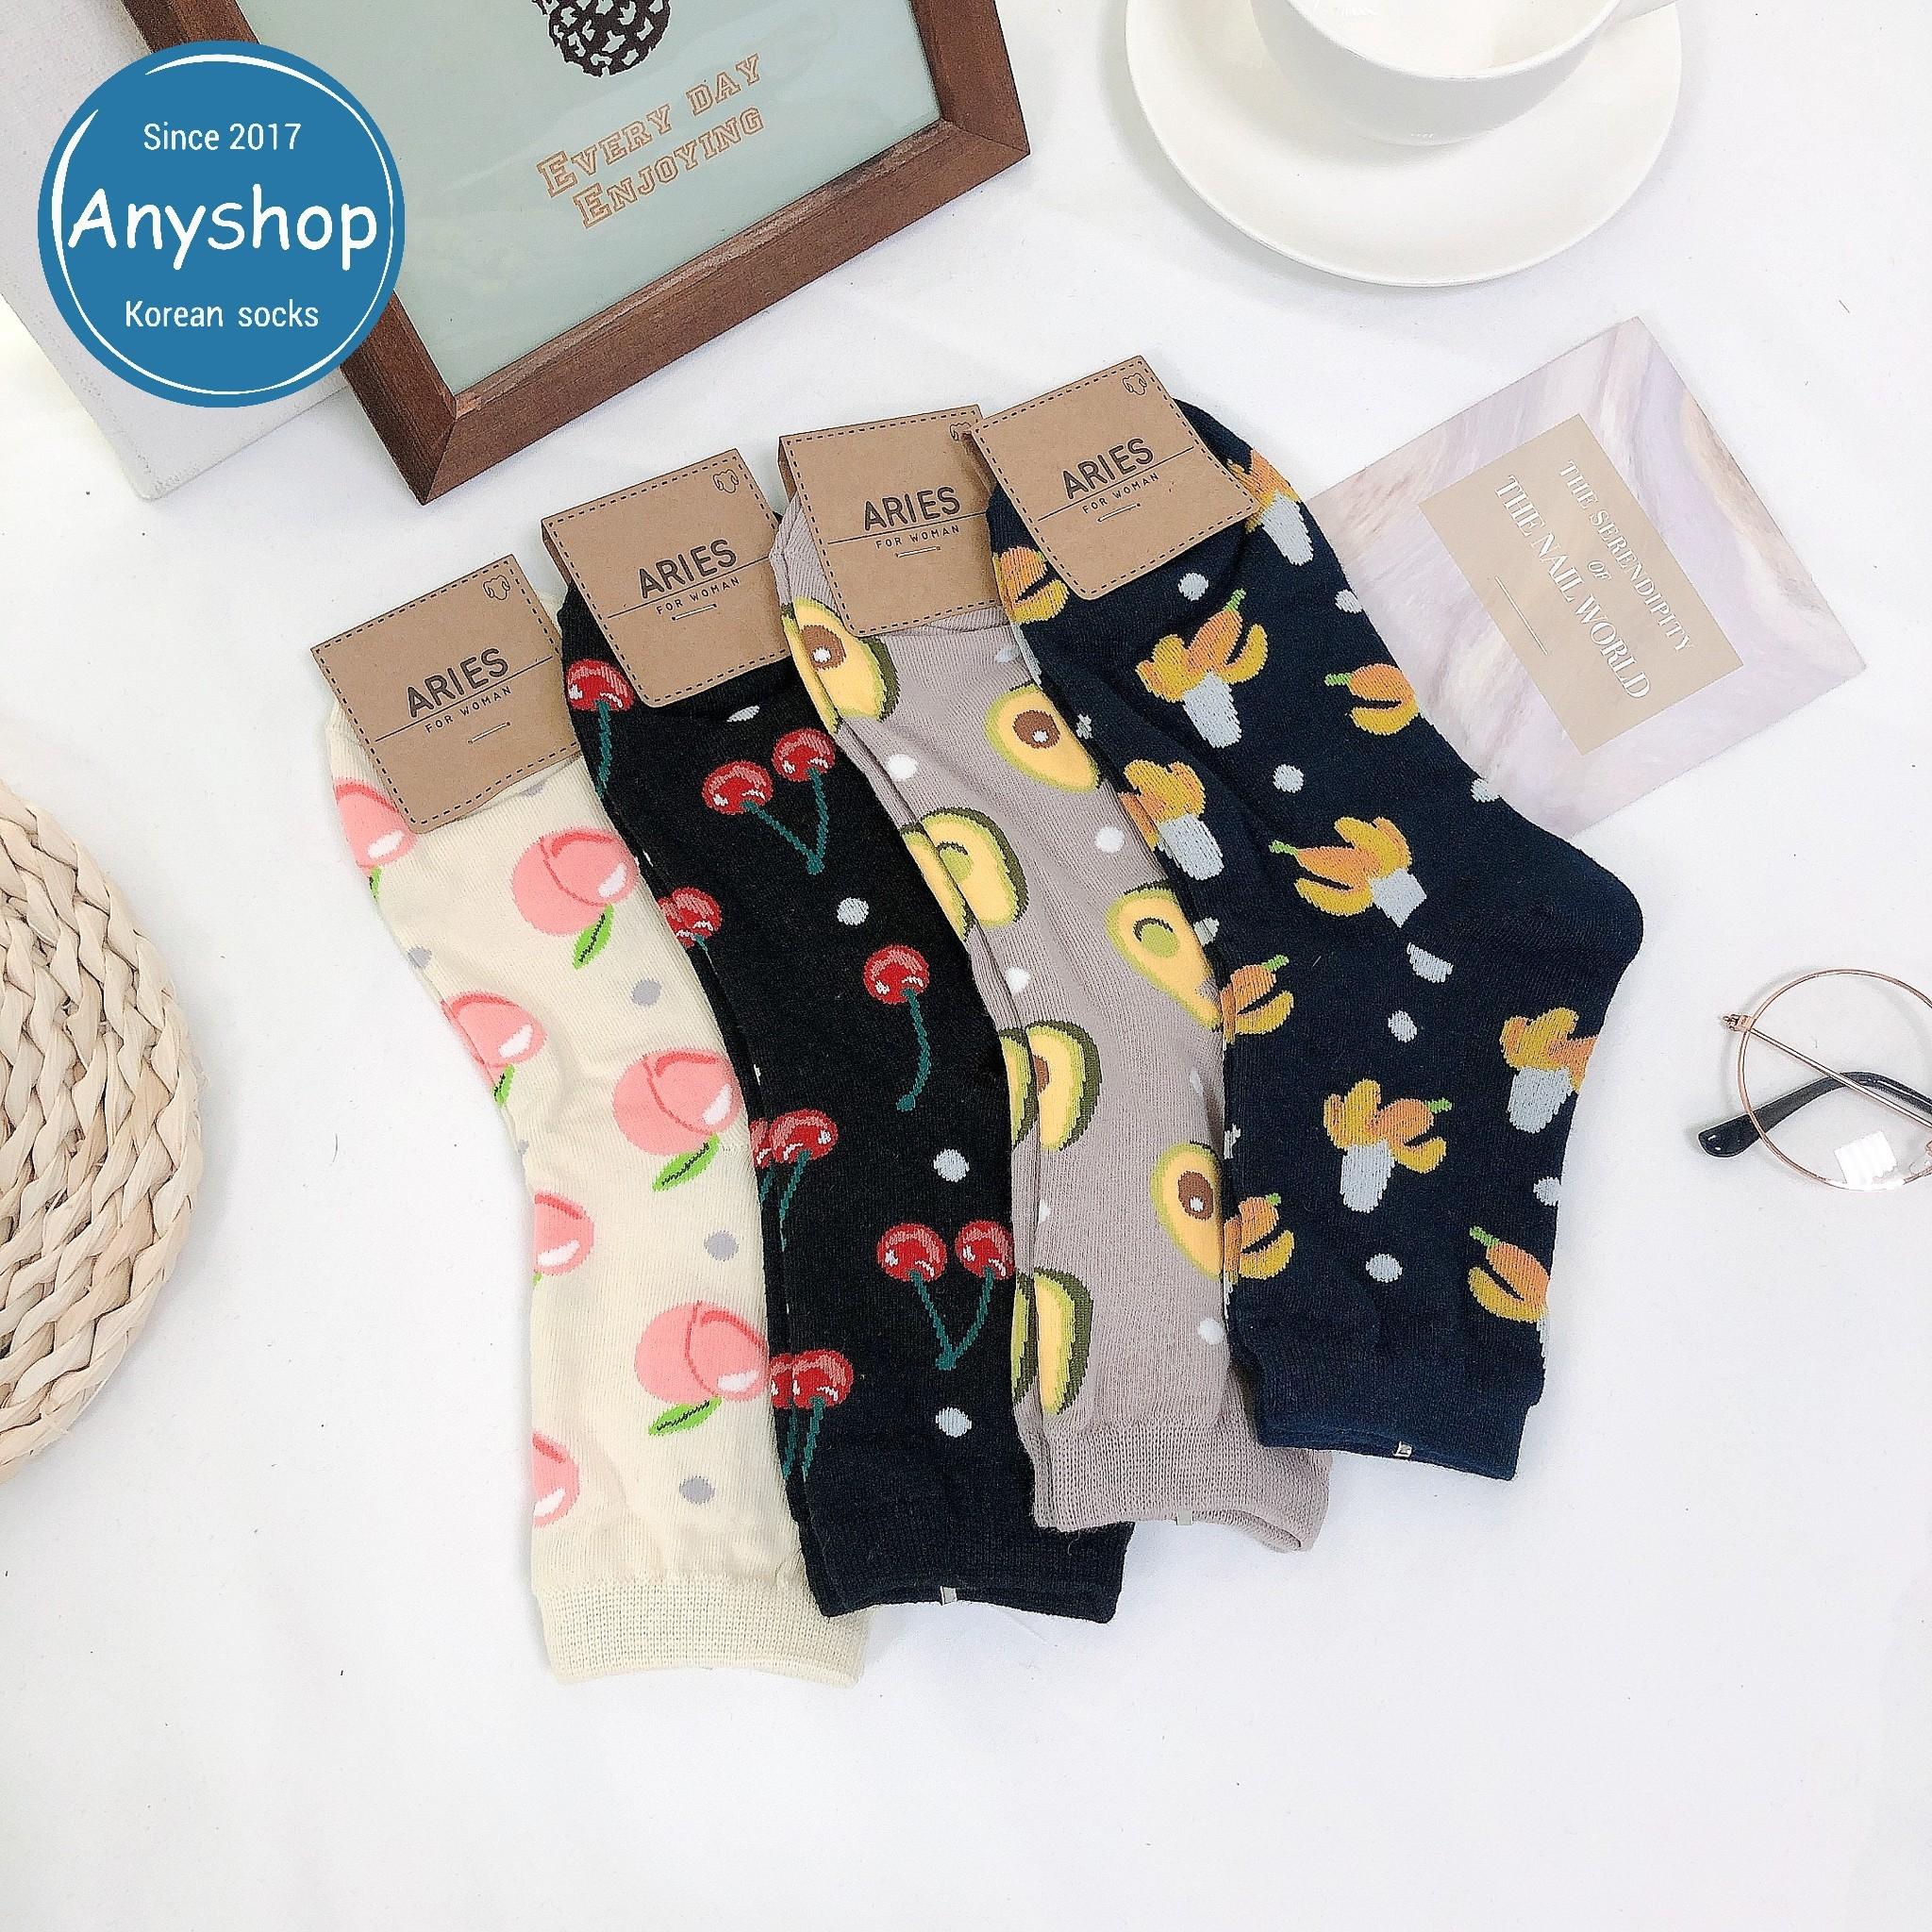 韓國襪-[Anyshop]水果款中筒襪